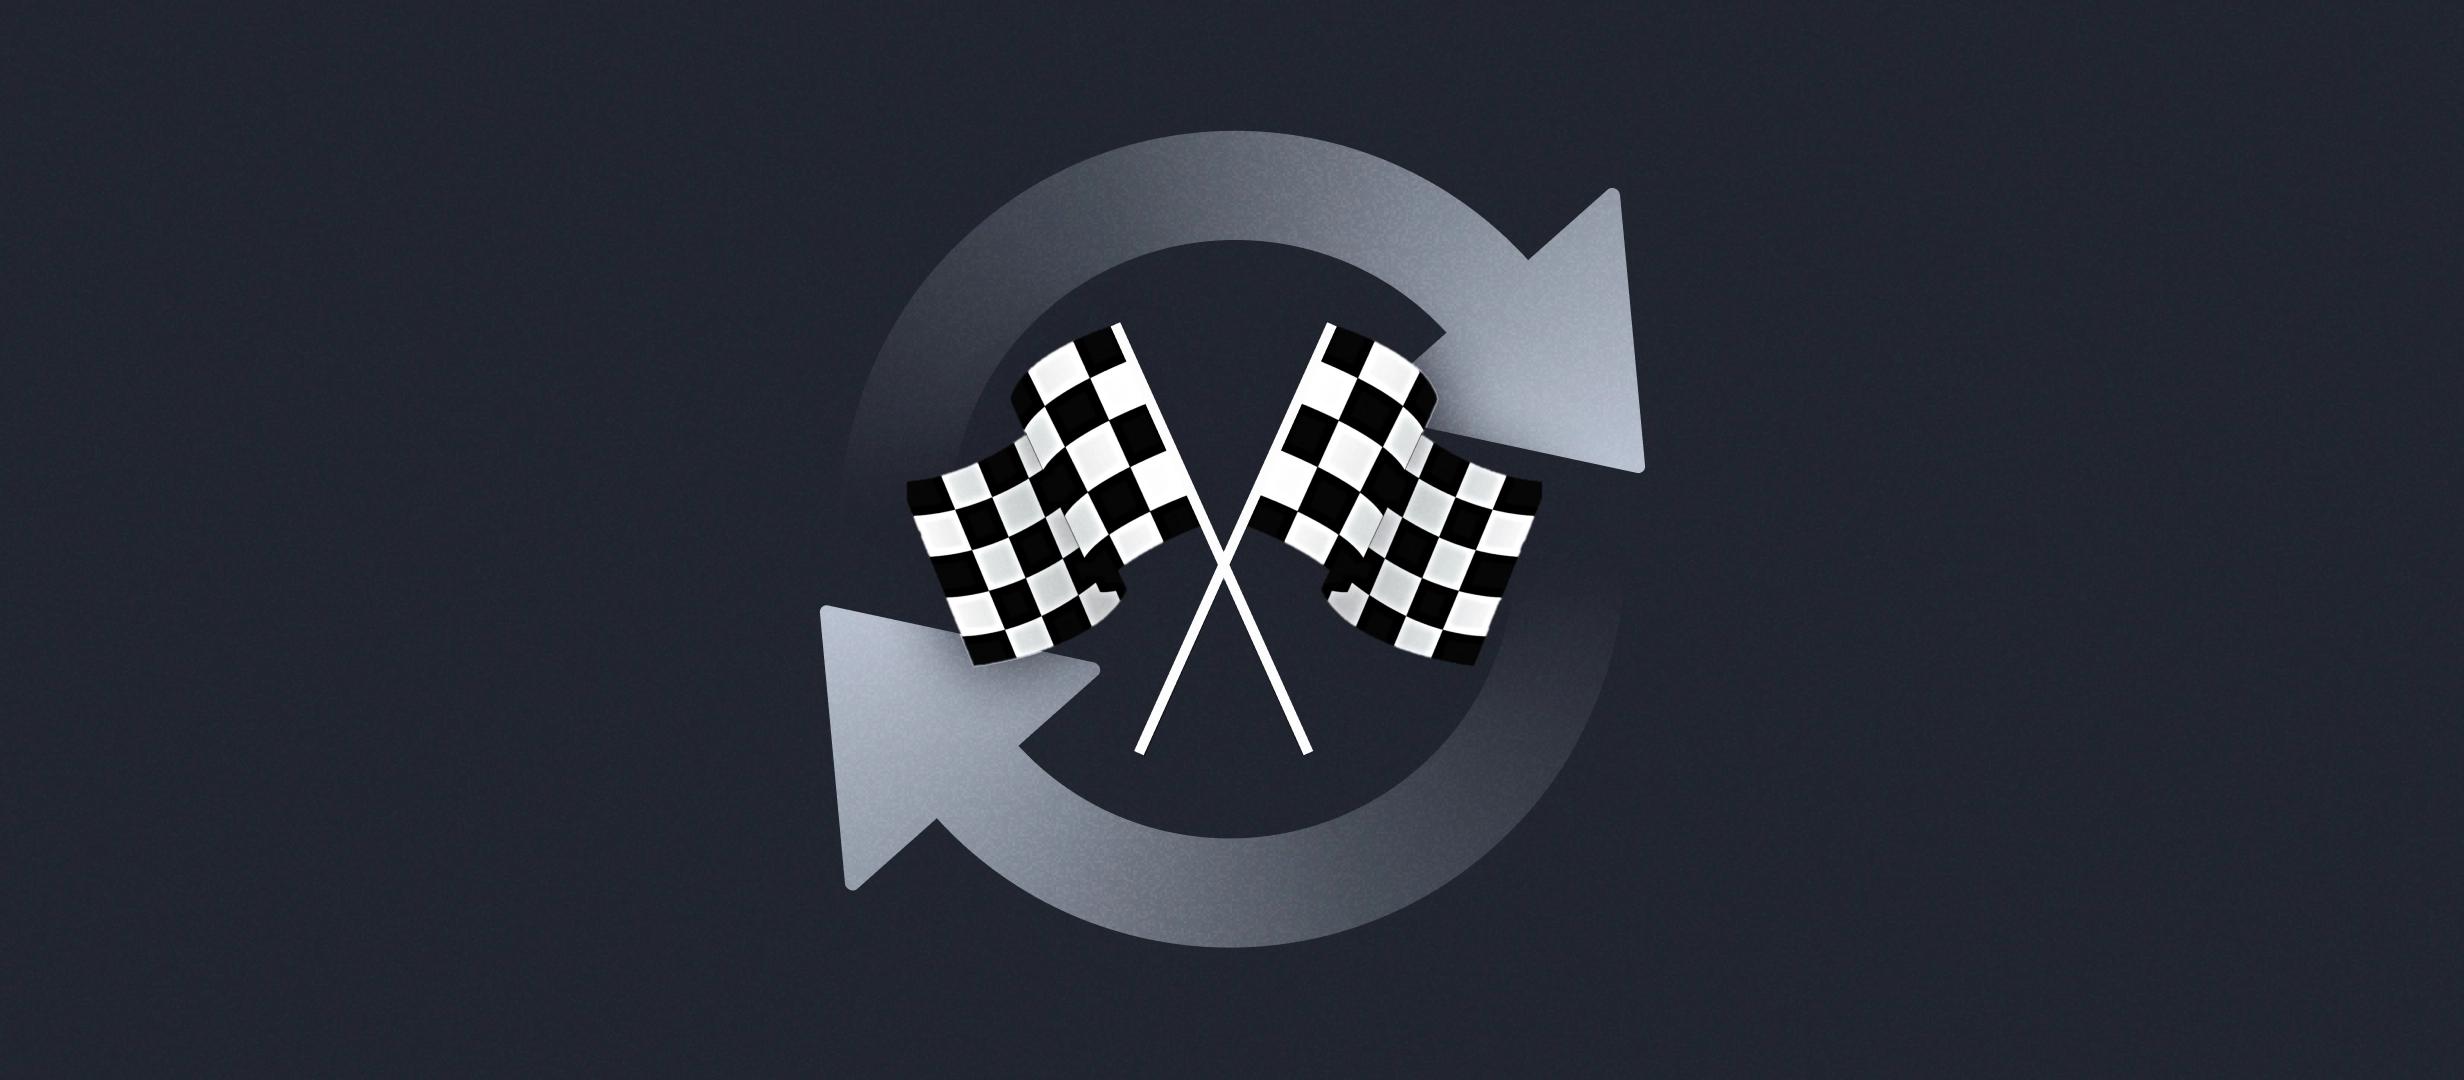 F1 sin favoritos y un cambio drástico en las cotizaciones. Novedades en el mundo de la F1